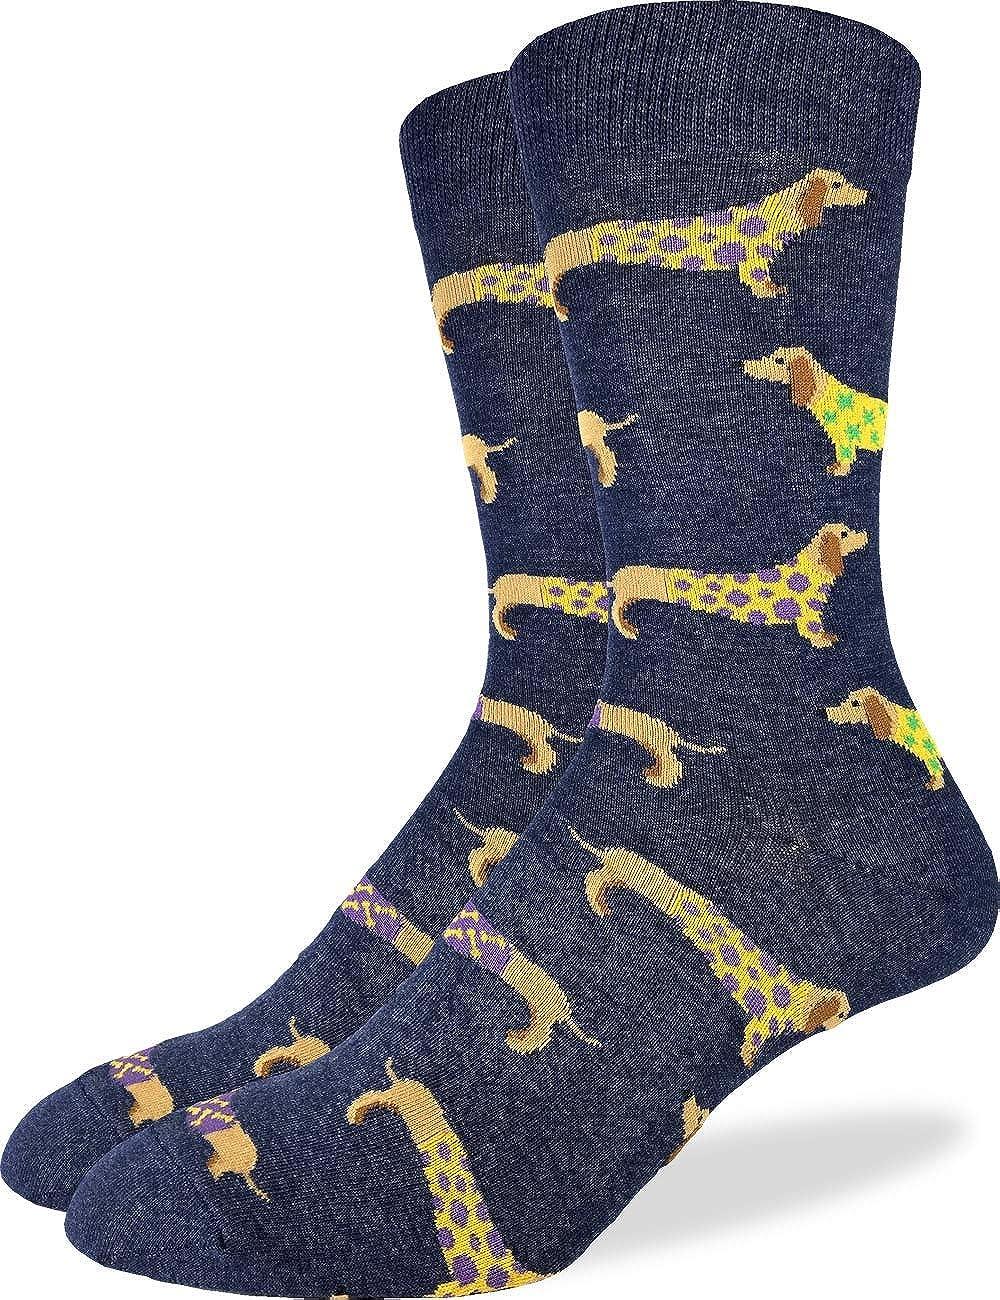 Good Luck Sock Men's Blue Wiener Dog Socks - Blue, Adult Shoe Size 7-12 1404